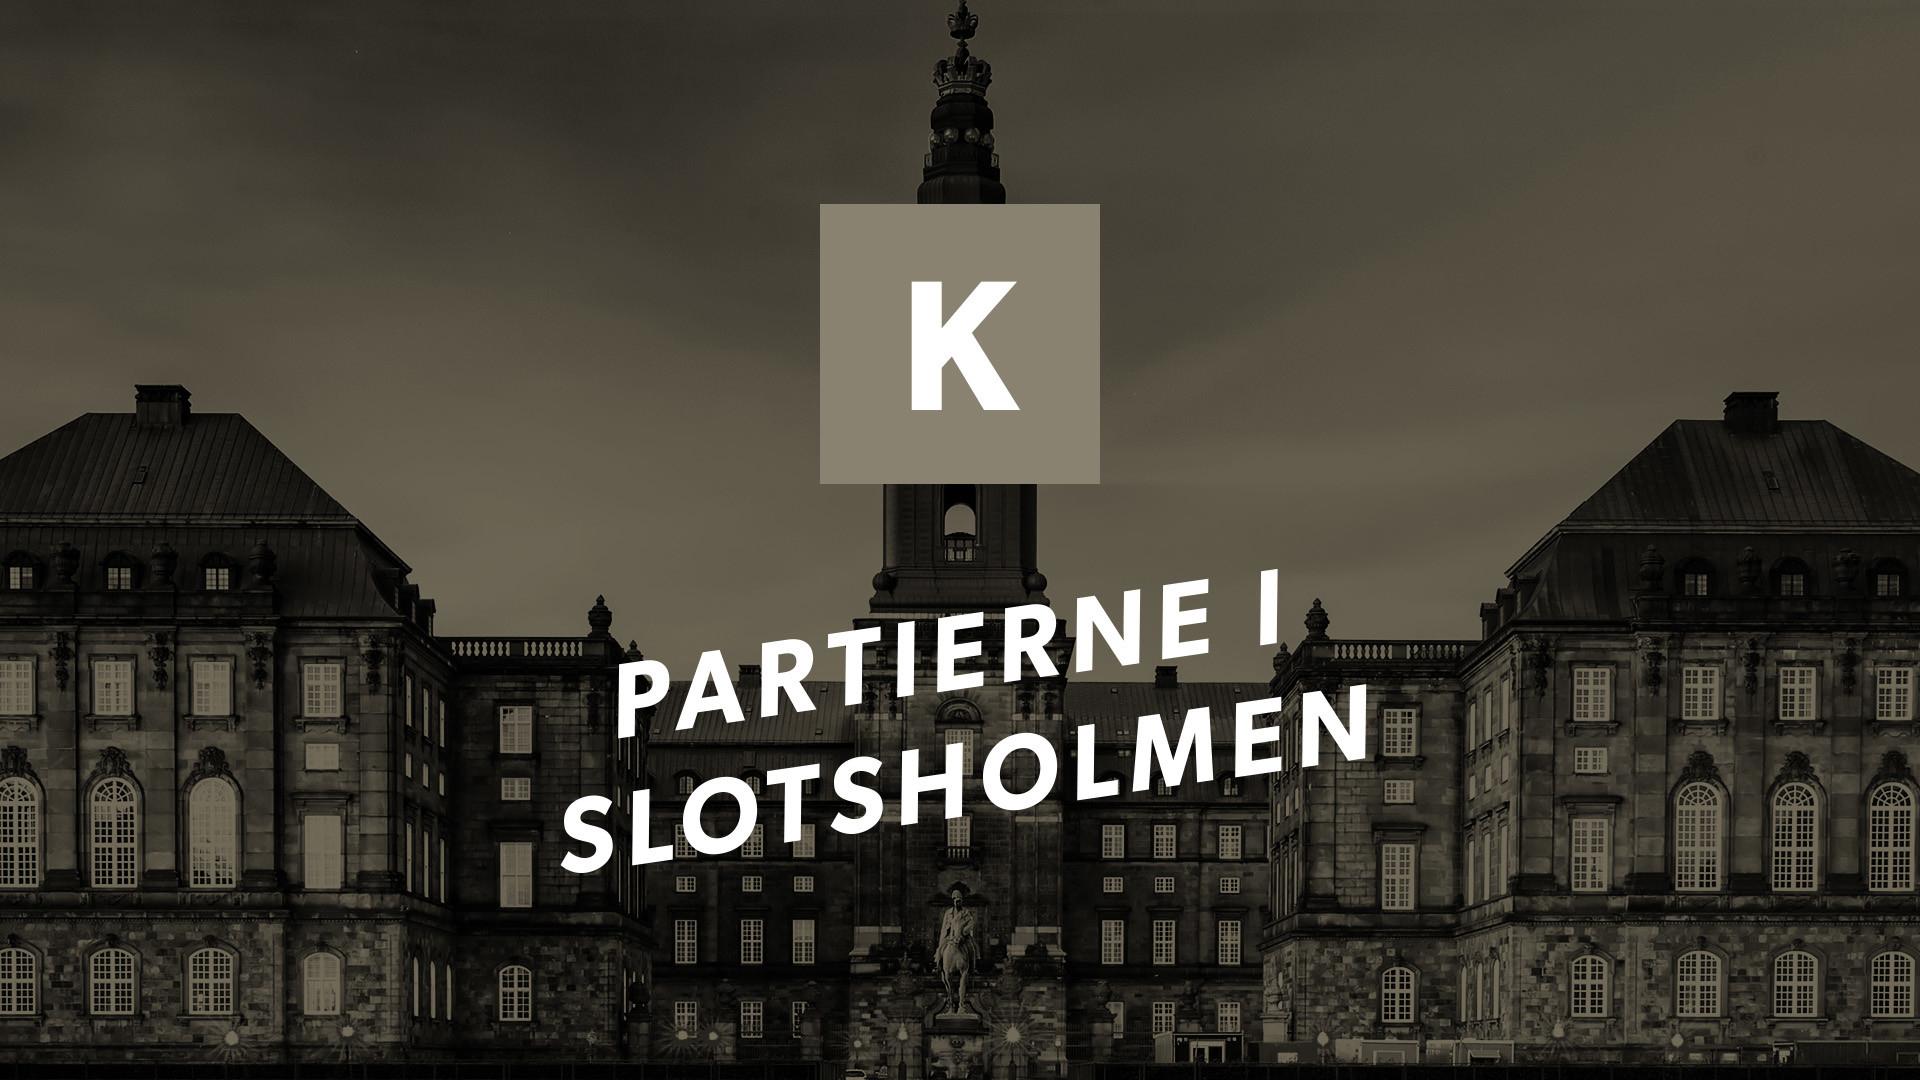 slotsholmen-kristendemokraterne.jpg